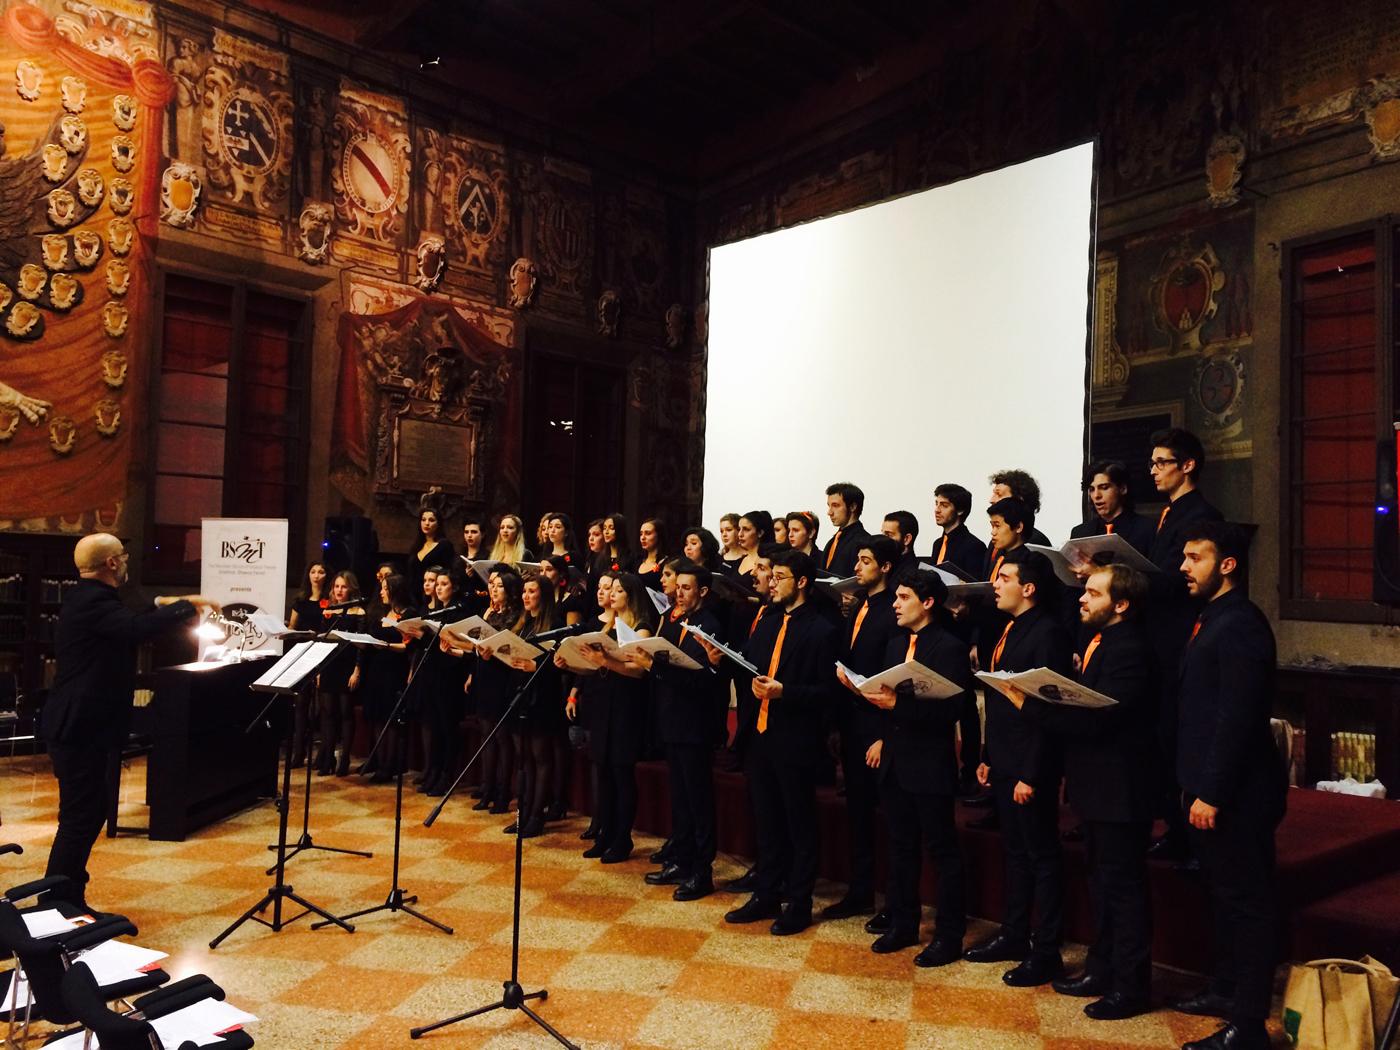 BSMT-singers-concerti-musica-bologna-natale-19-dicembre-teatro-delle-celebrazioni